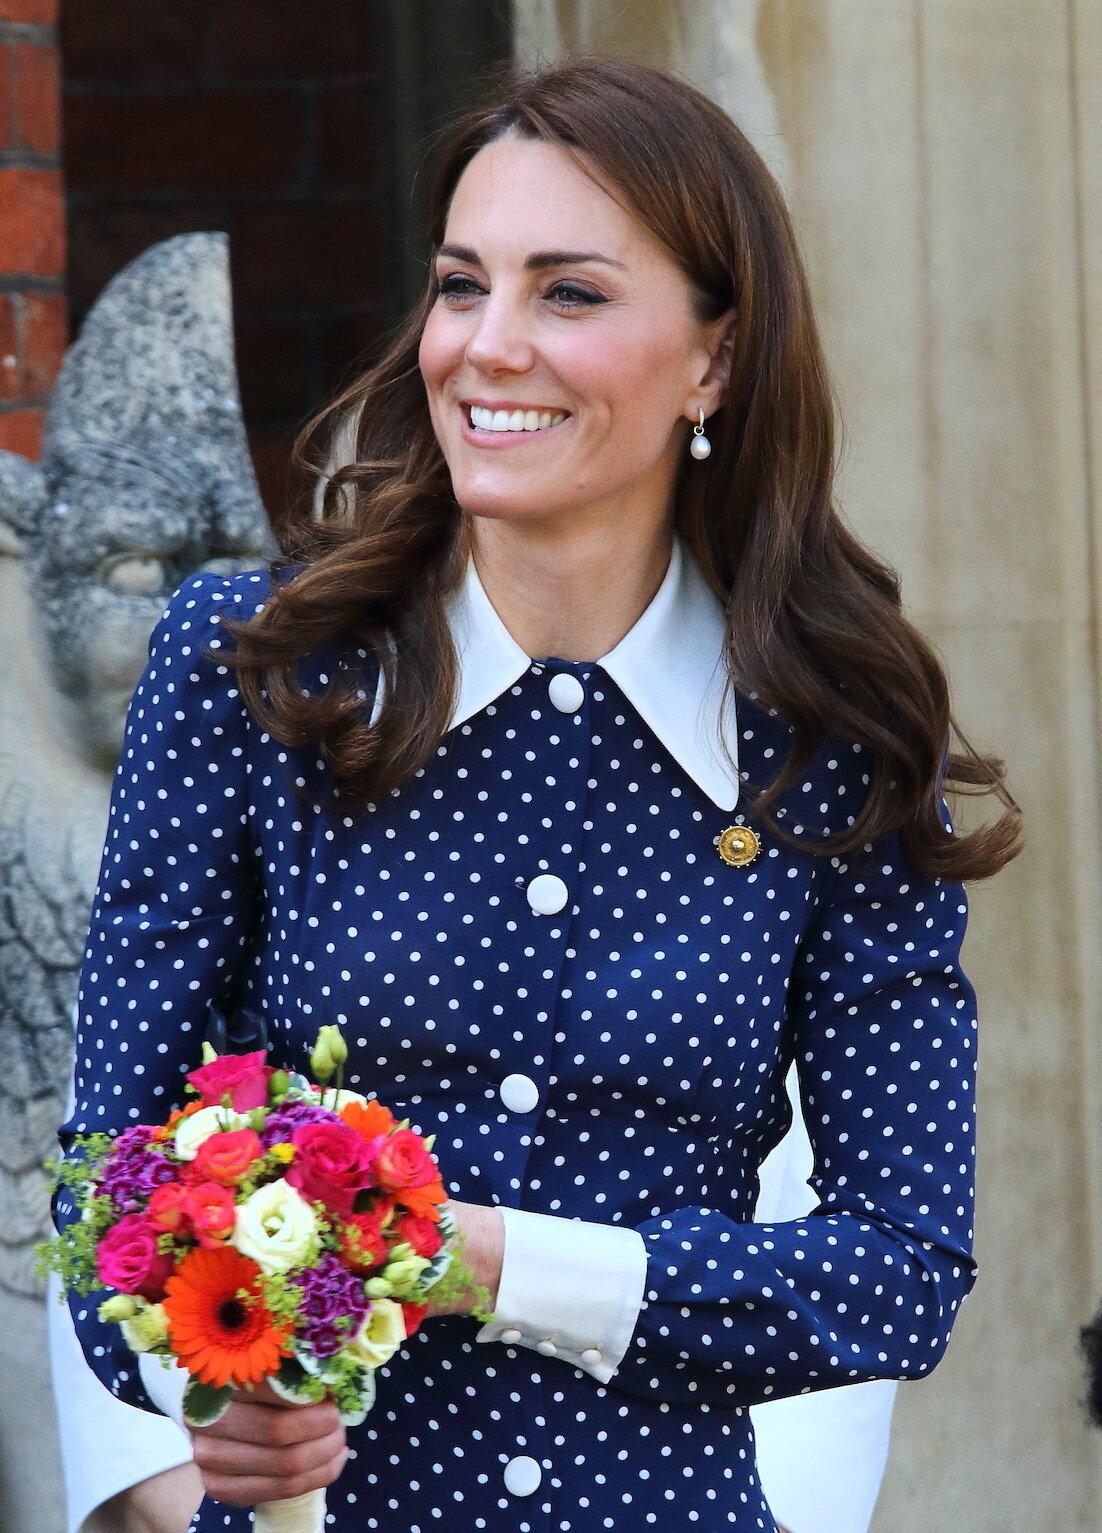 Herzogin Kate wird für ihren Stil weltweit bewundert. Auch die sechsjährige Stefani aus der Türkei mag die Looks der schönen Brünette und kopierte ihr Outfit.  © picture alliance / Photoshot